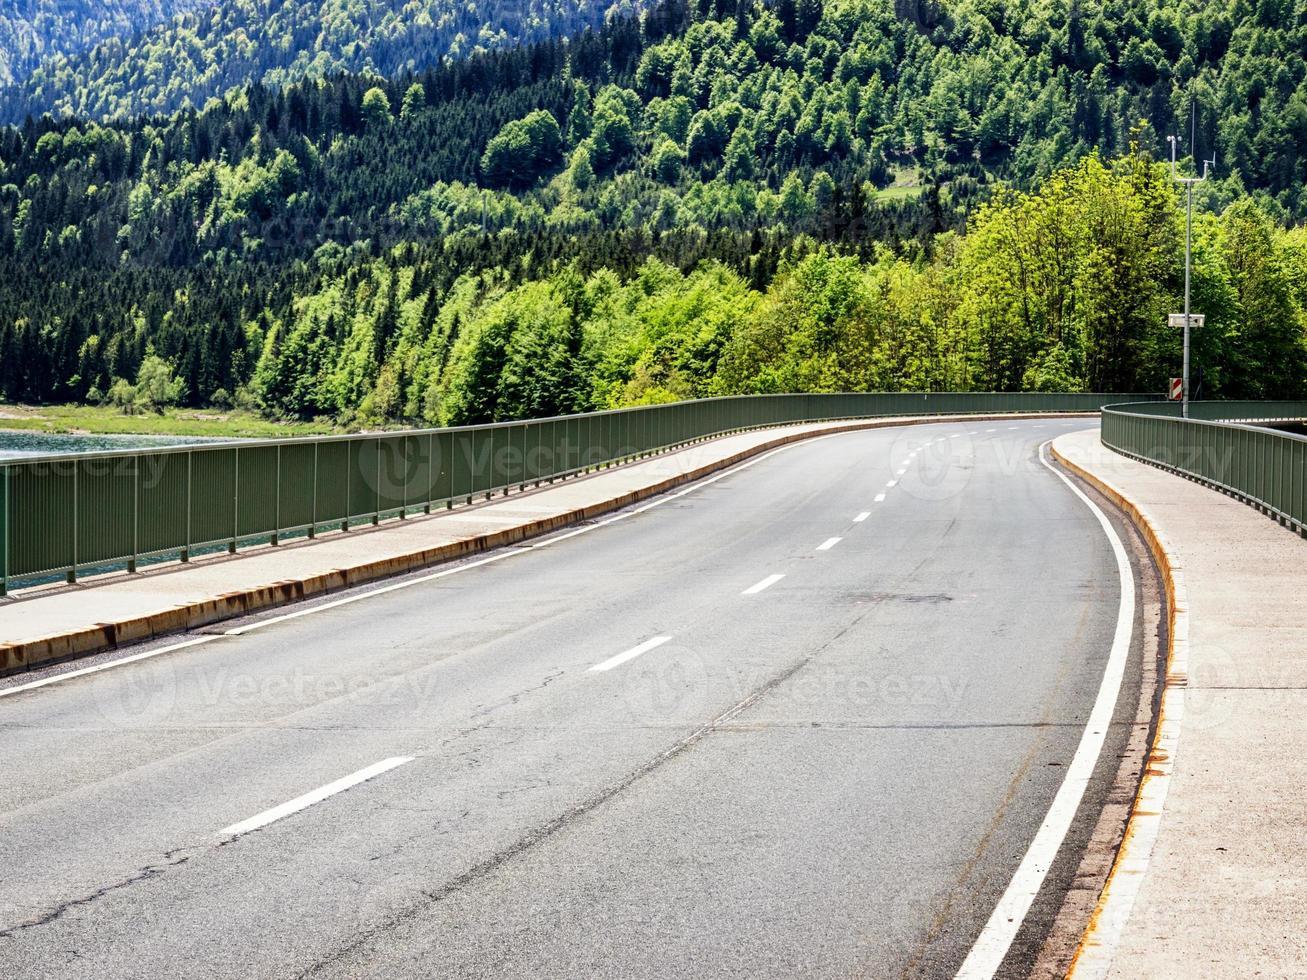 camino rural foto